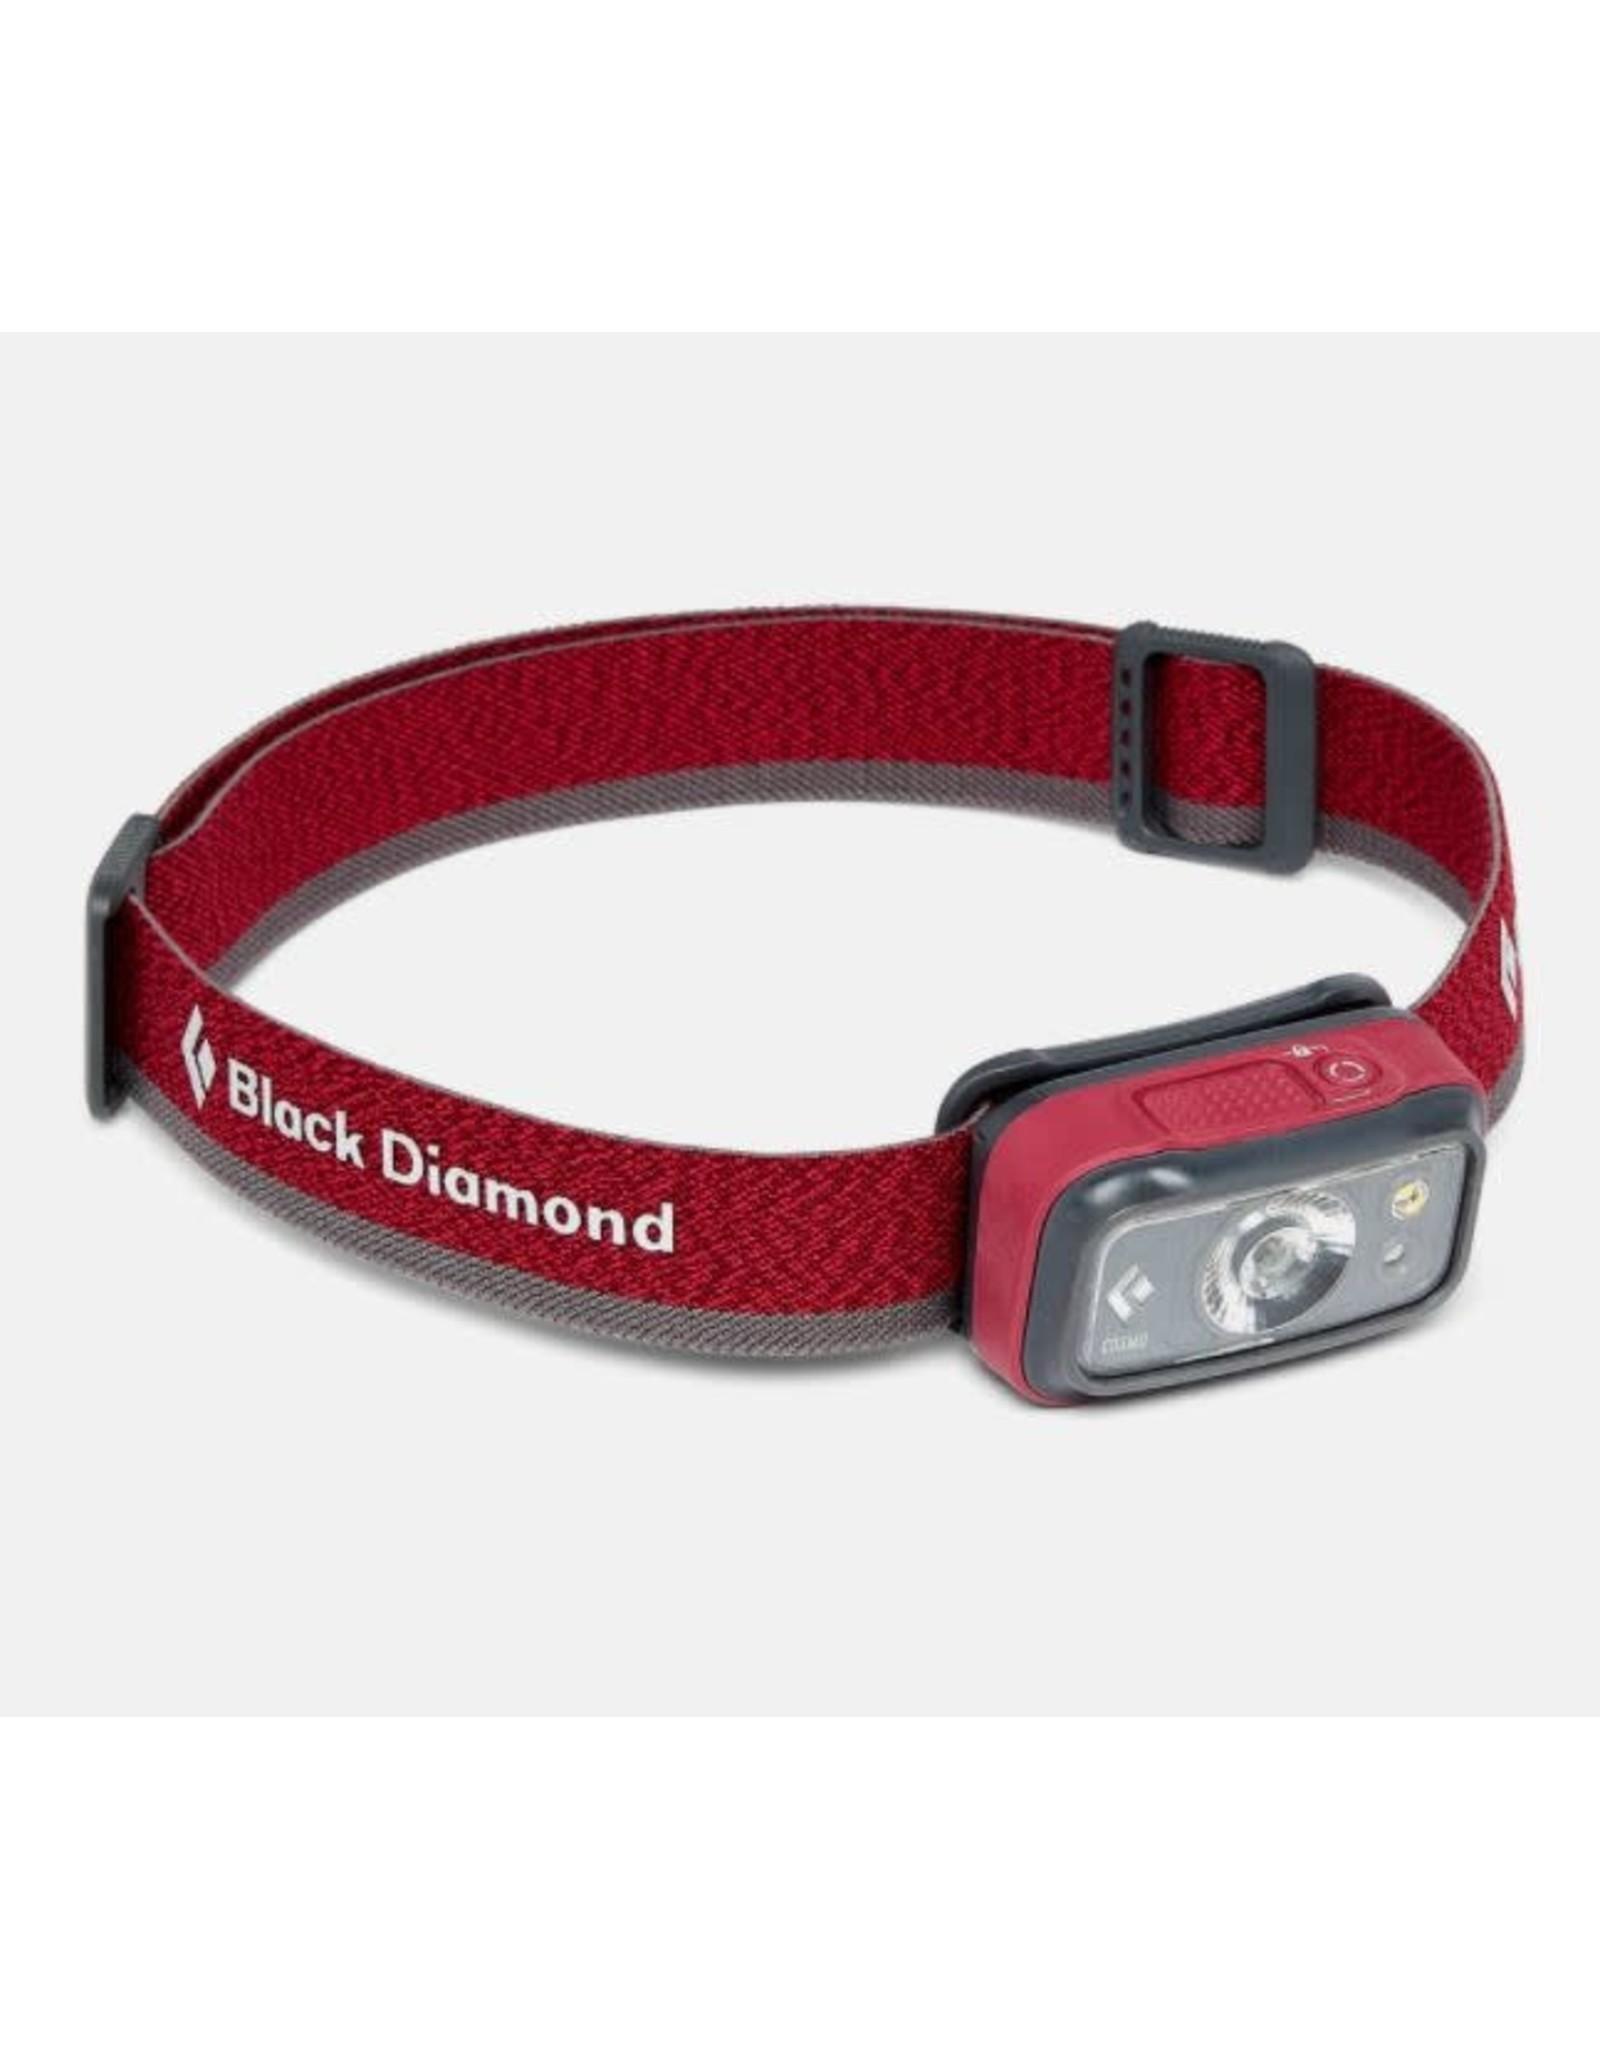 BLACK DIAMOND BLACK DIAMOND COSMO 300 HEADLAMP ROSE #BD6206606011ALL1